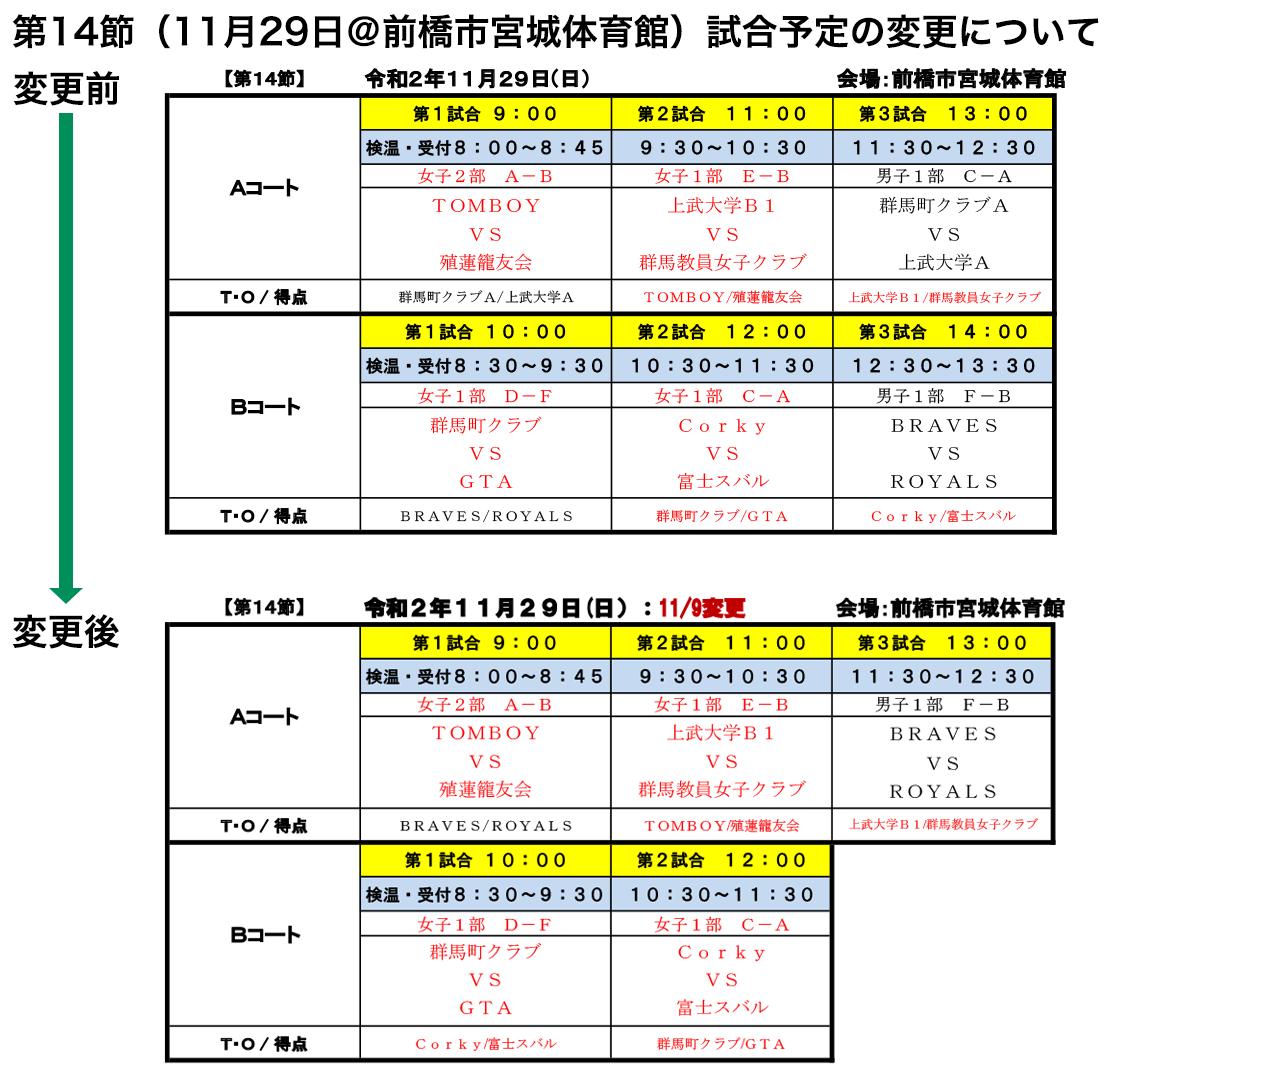 2020社会人リーグ 第14節 日程変更(2020-11-09)